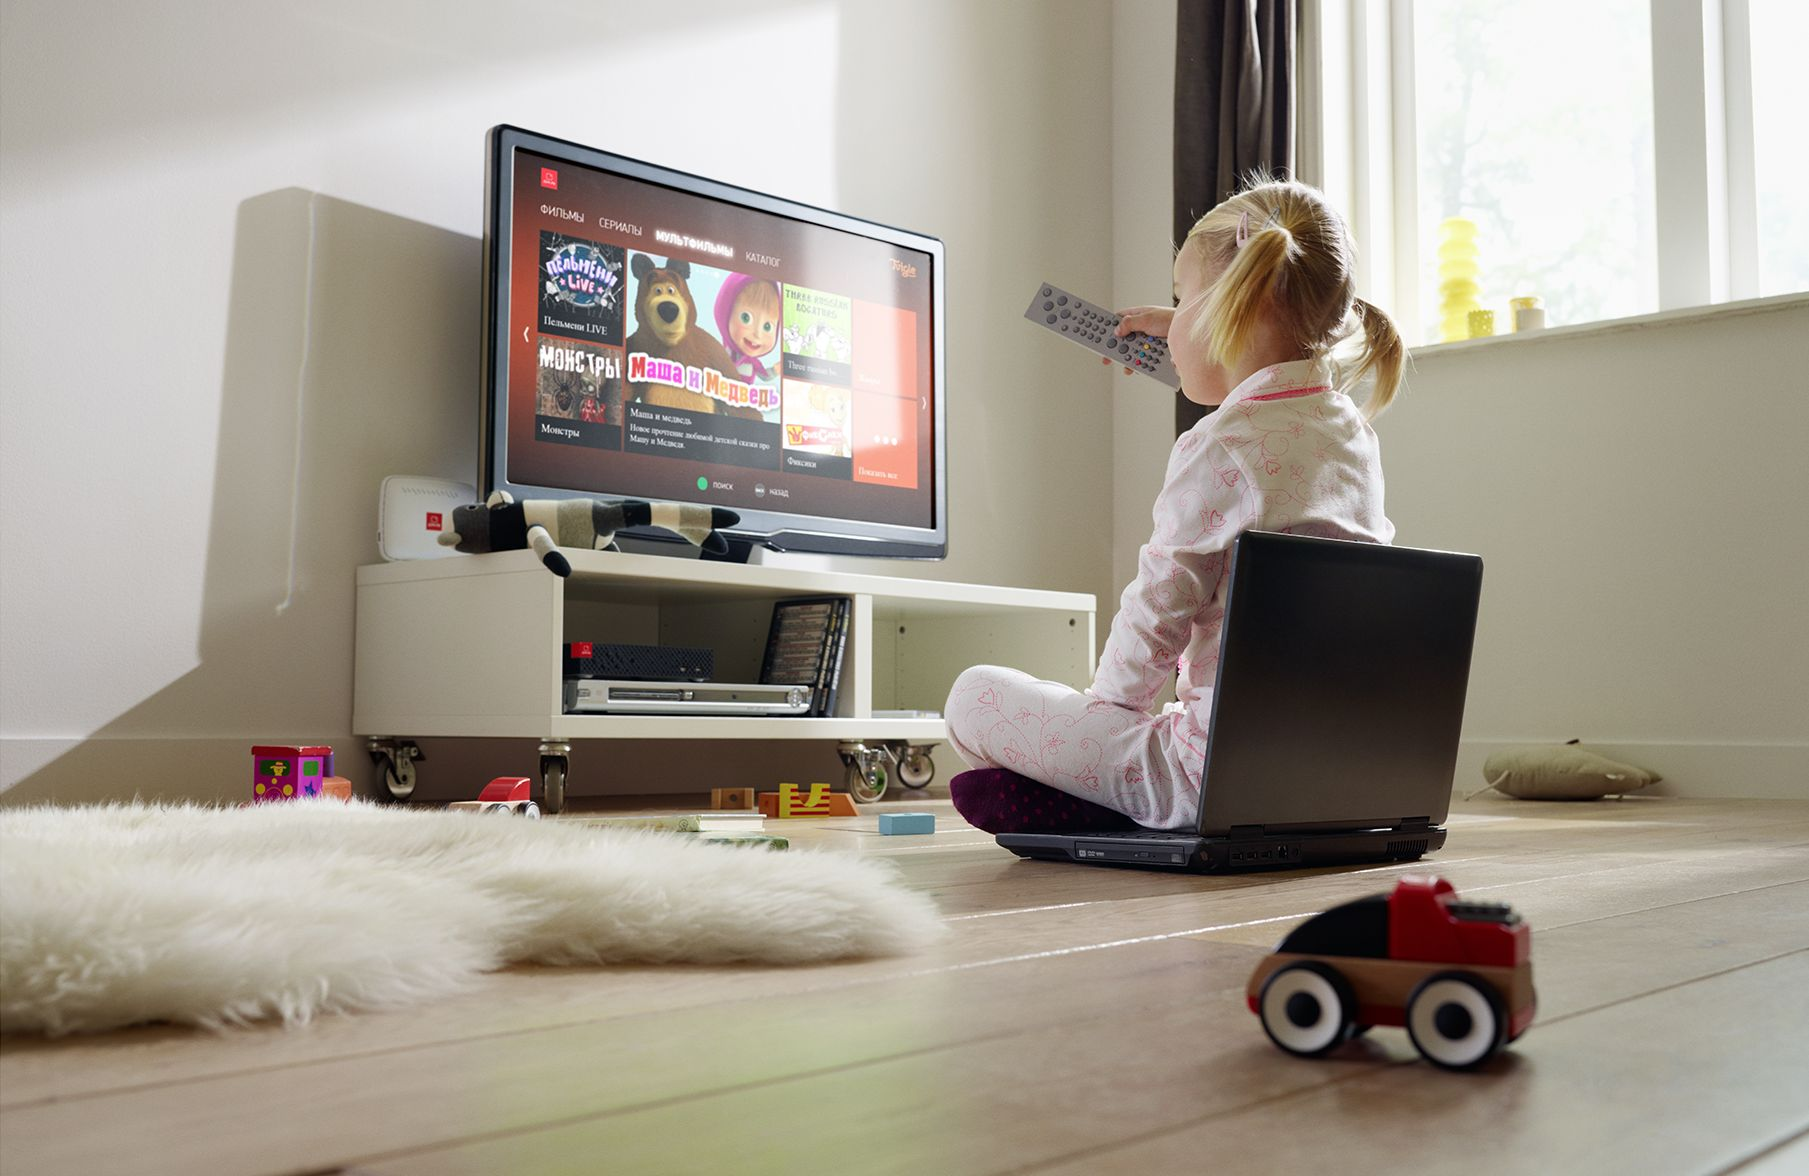 Ребенок и телевизор: что и с какого возраста можно смотреть по телевизору?